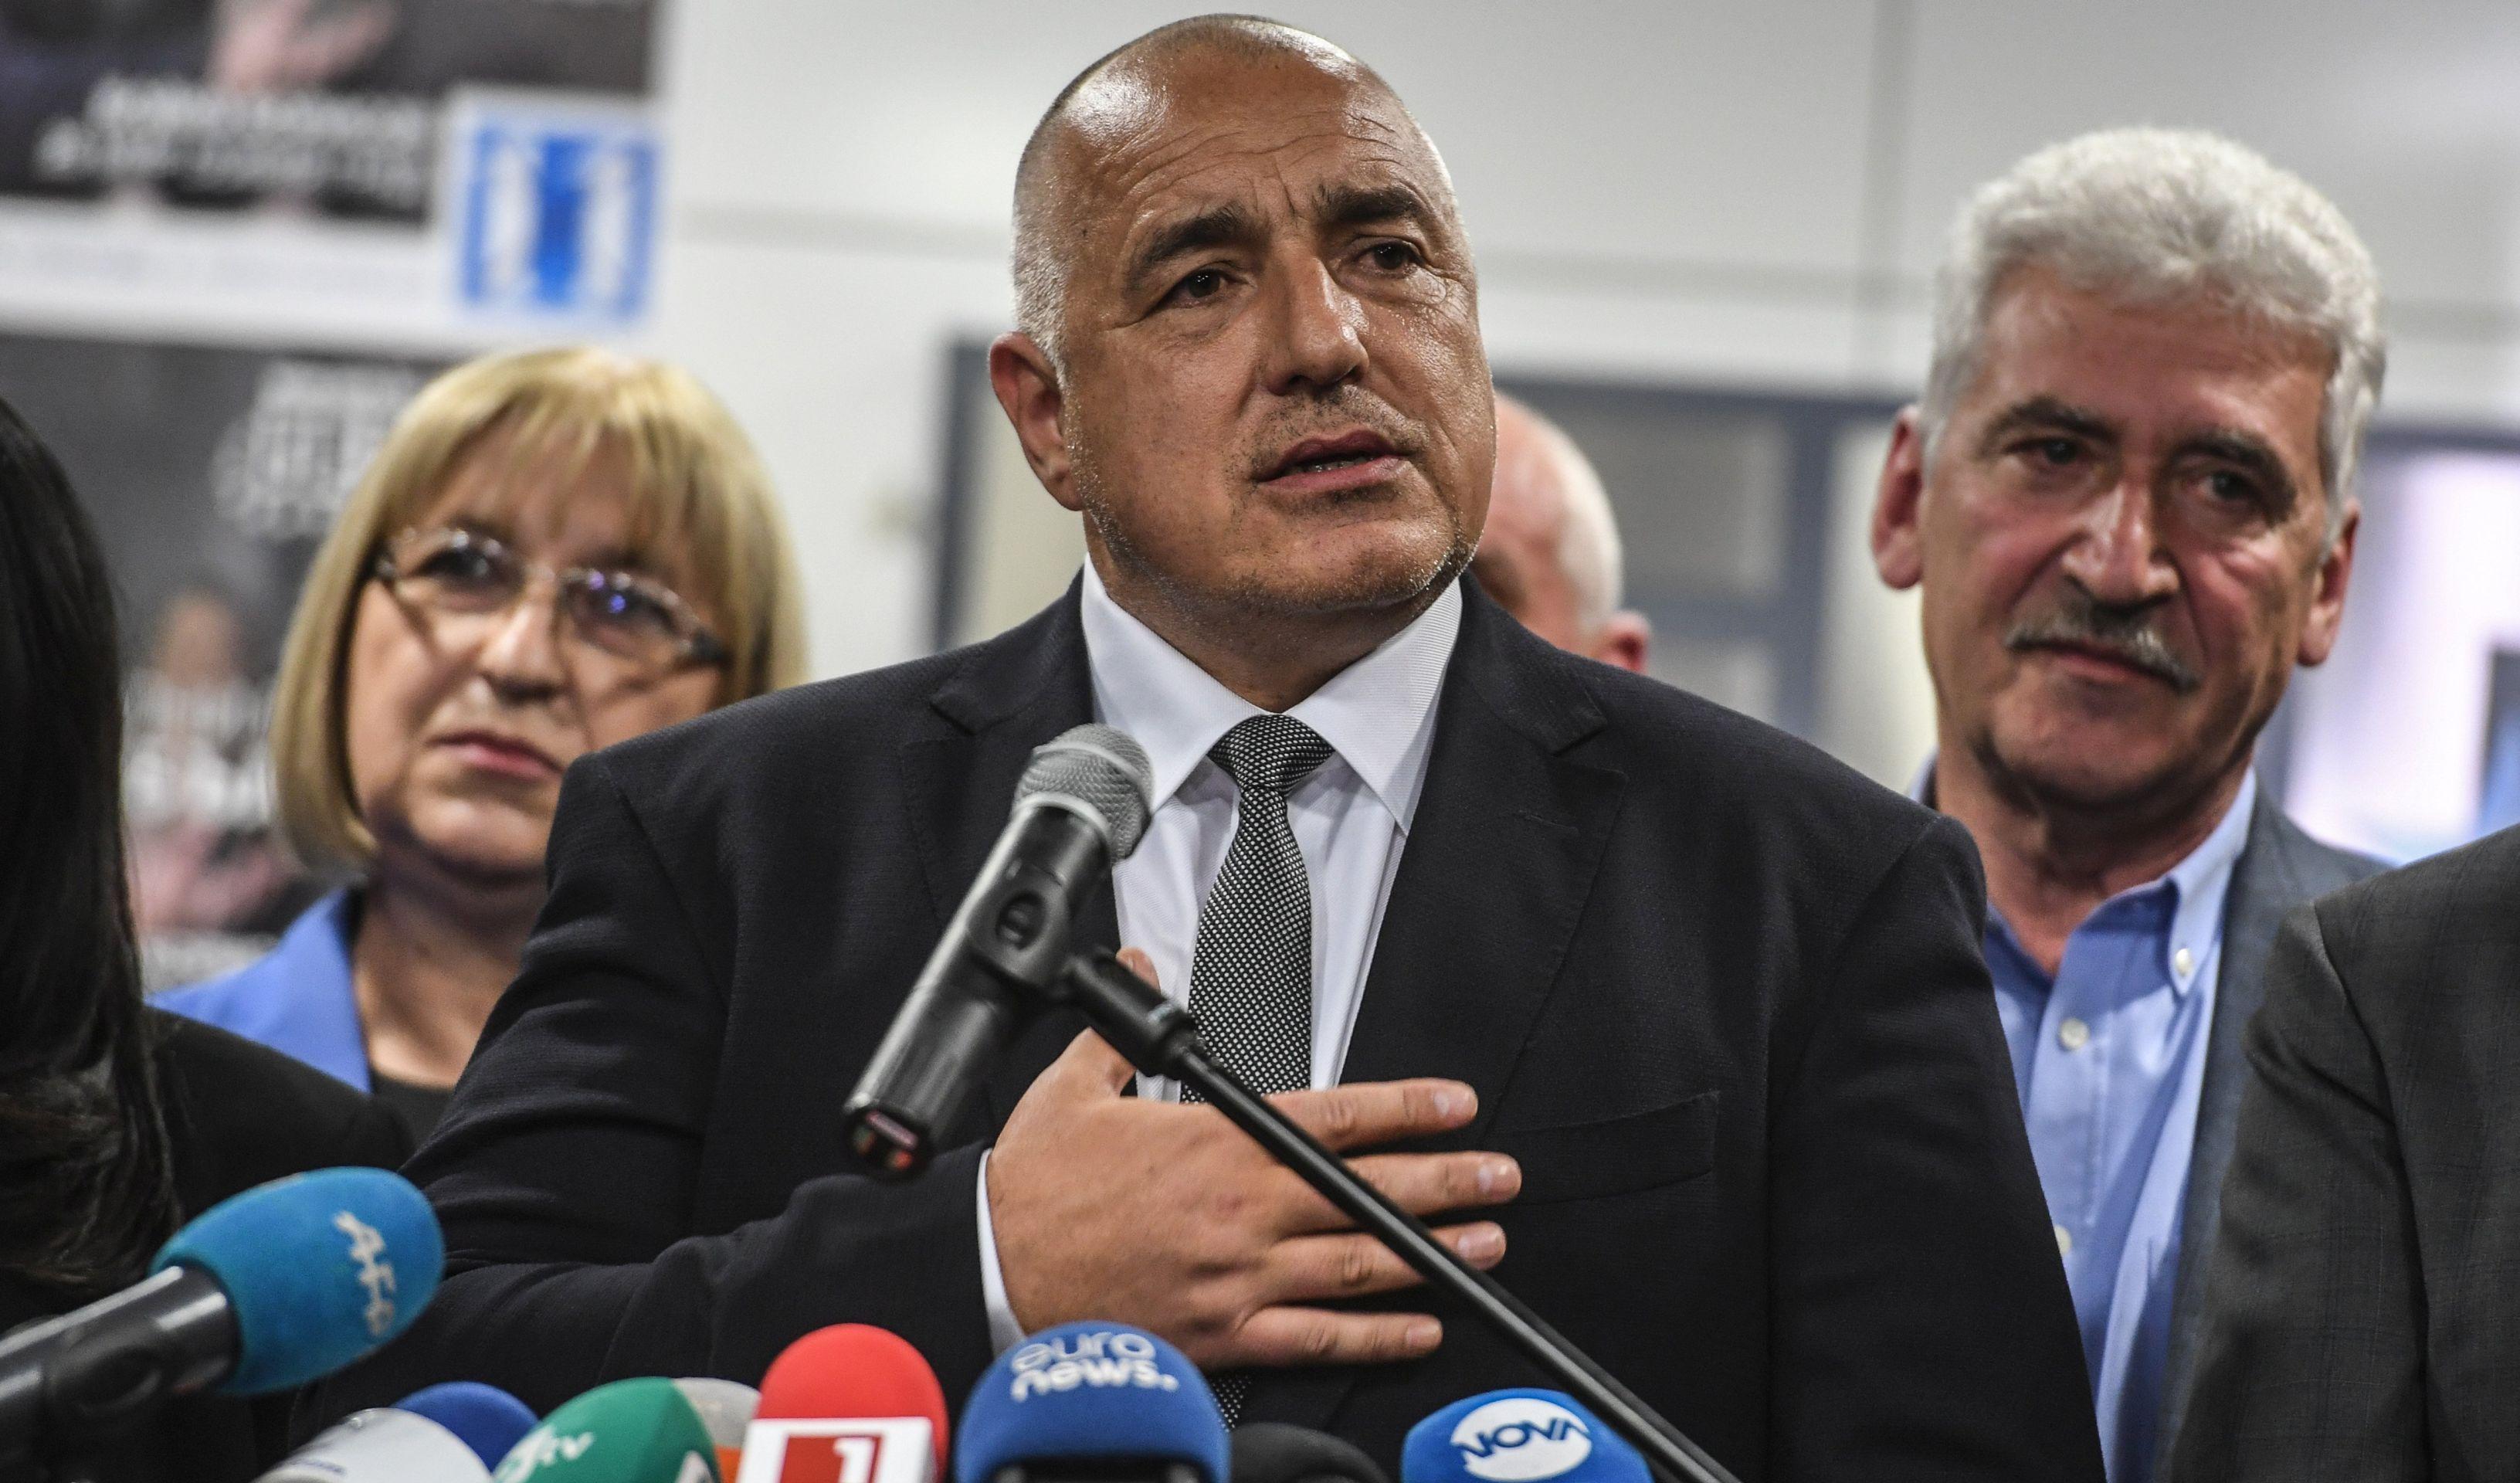 IZBORI U BUGARSKOJ Veliki povratak bivšeg premijera Borisova